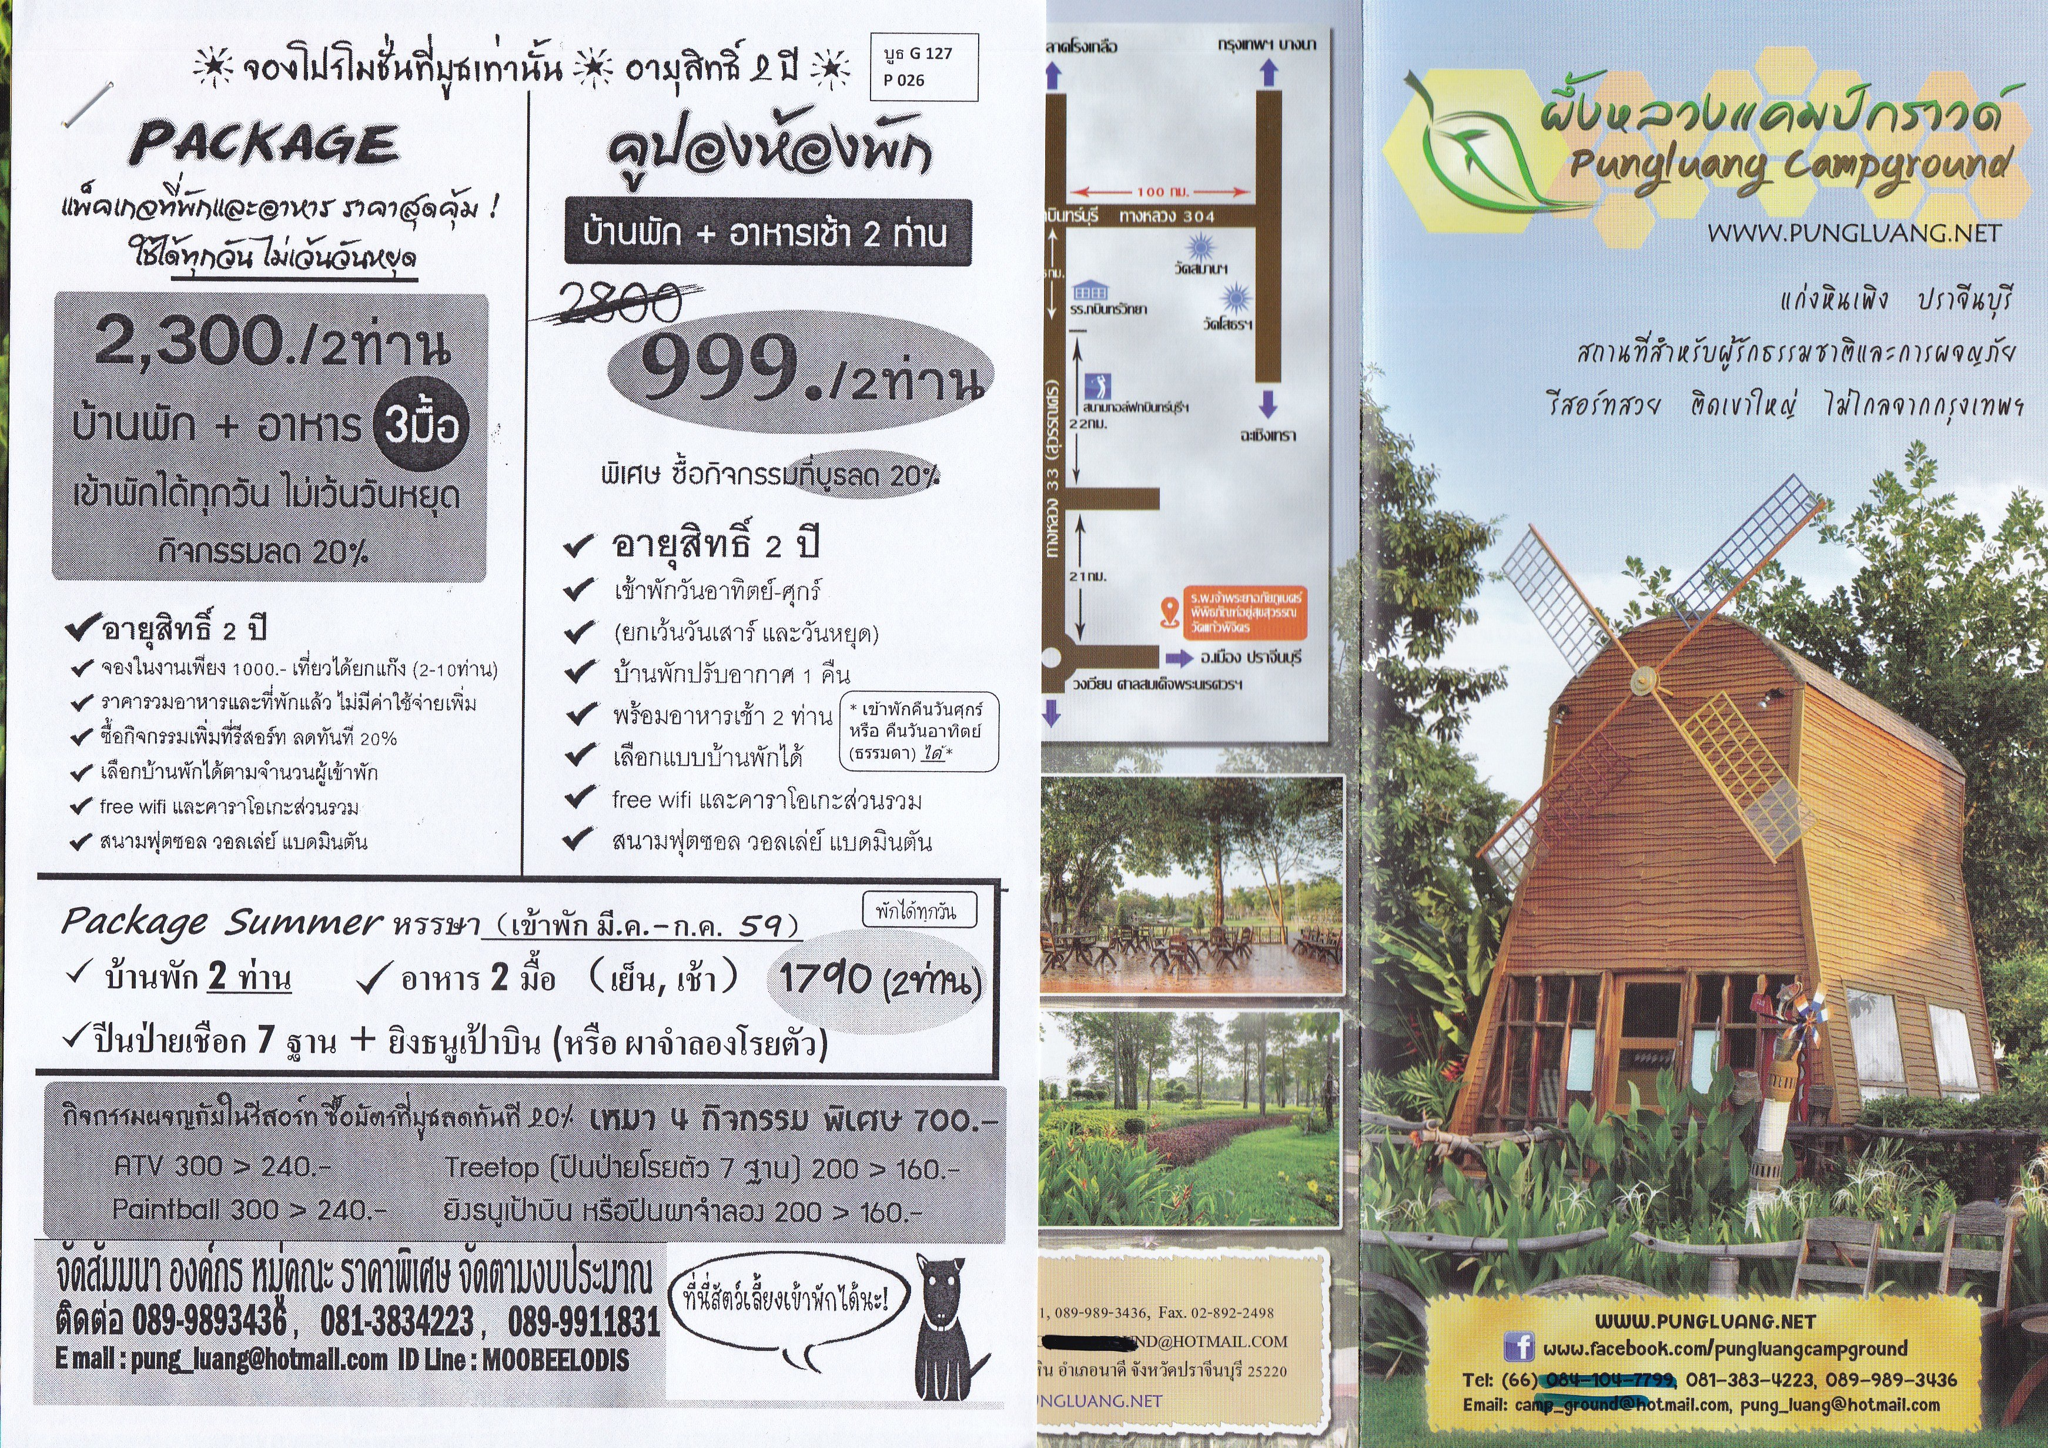 Travel-Hotel-Resort-restaurant-weekdaySpecial-Thailand-2559-1-8